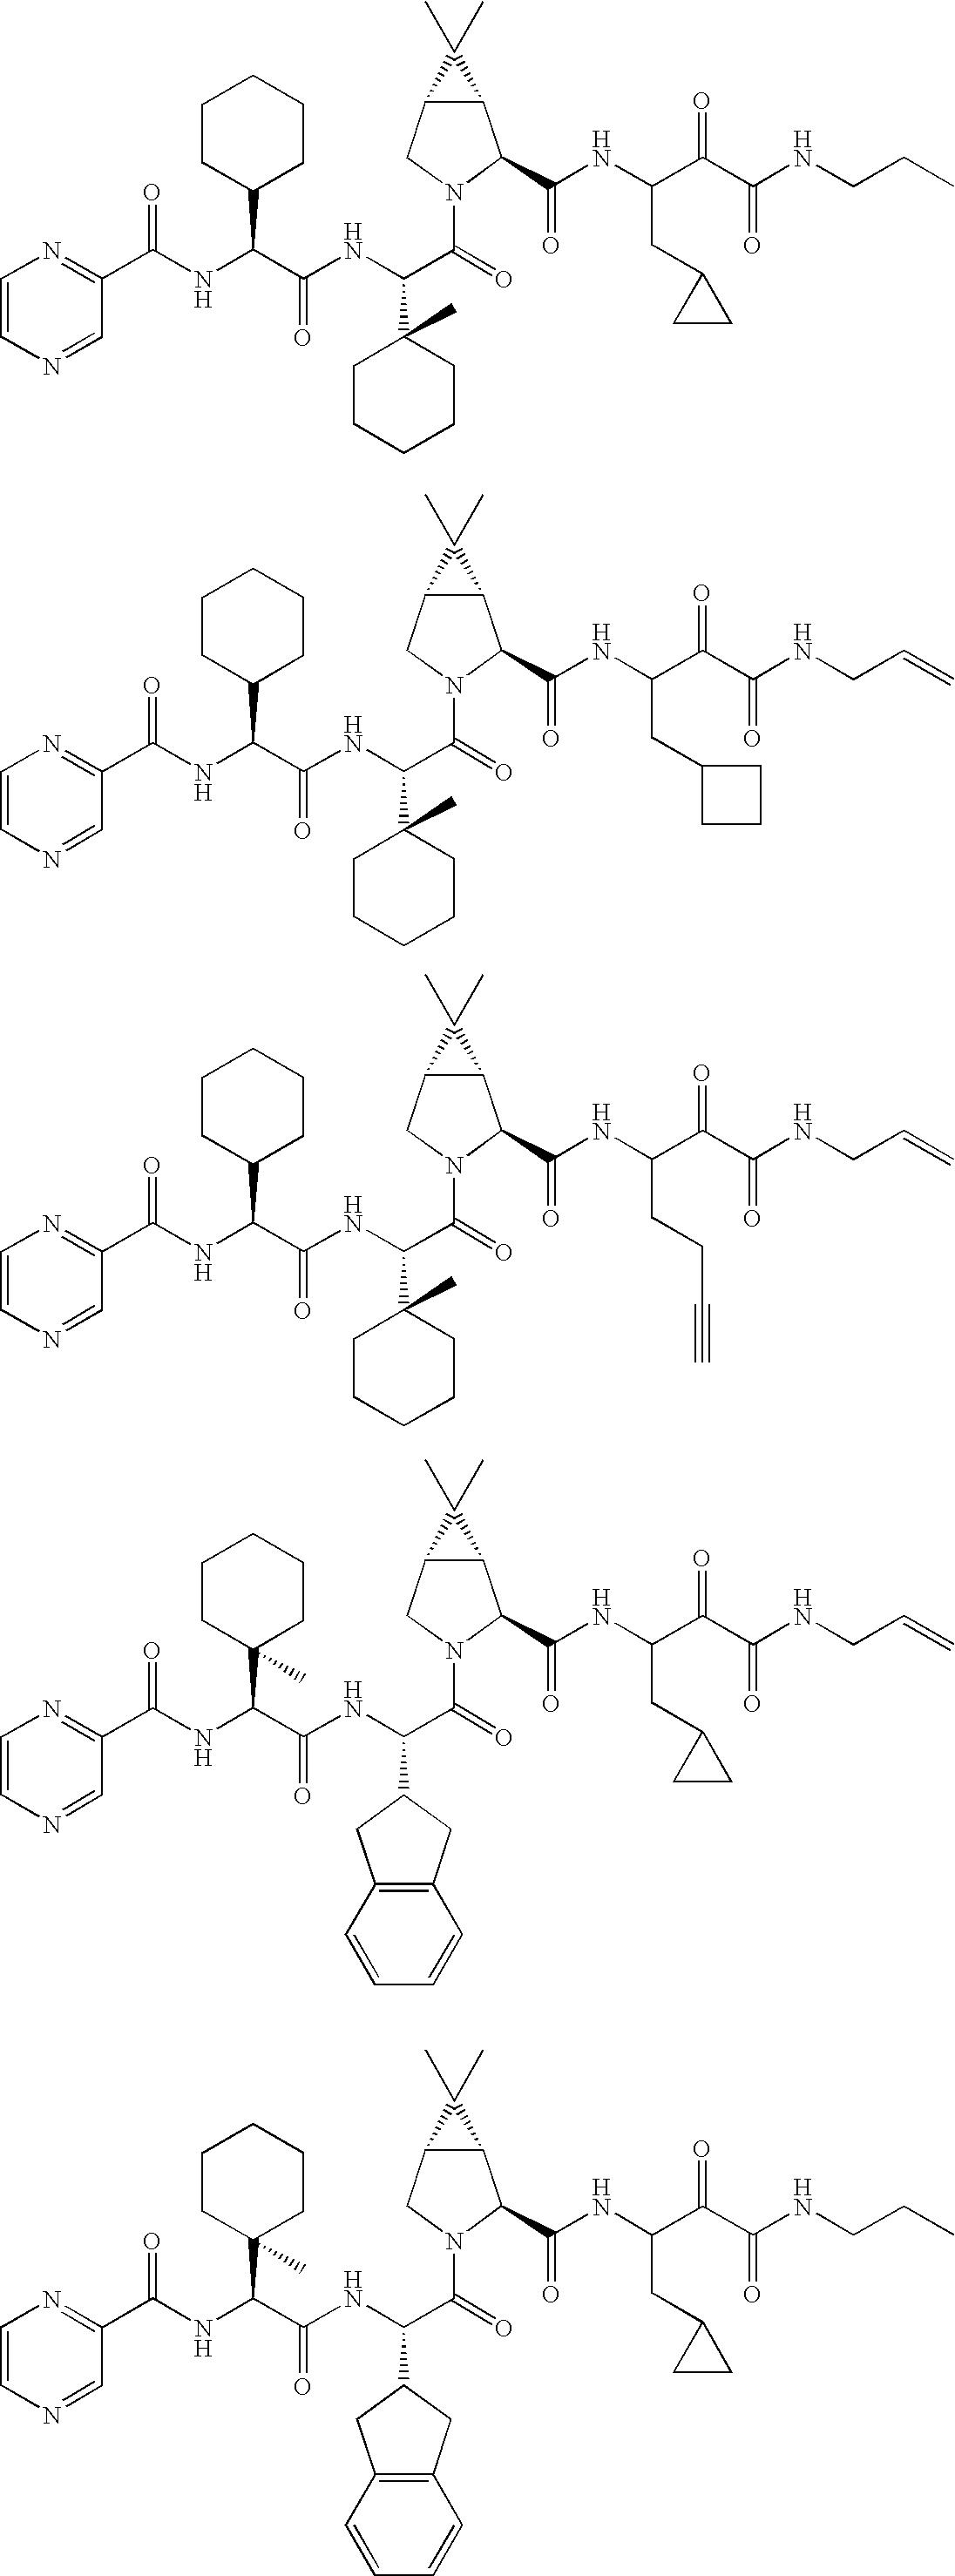 Figure US20060287248A1-20061221-C00485